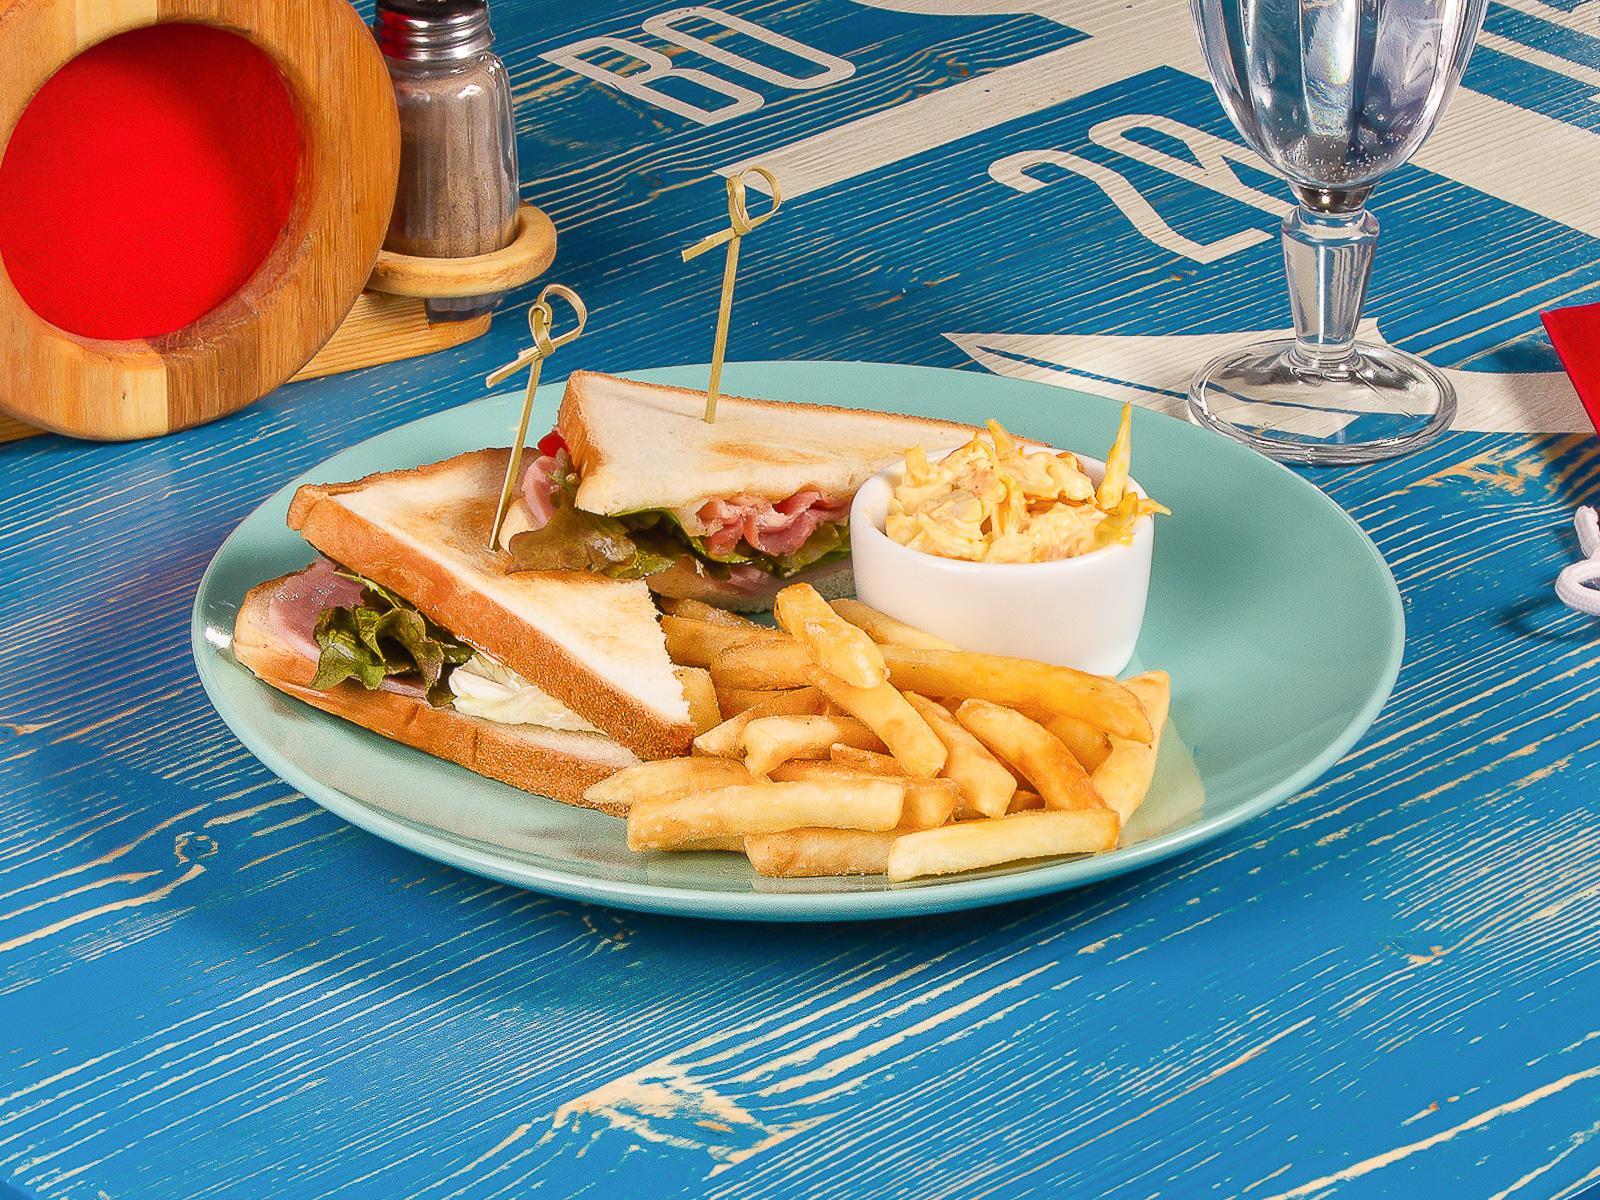 Сэндвич с беконом, ветчиной и помидорами